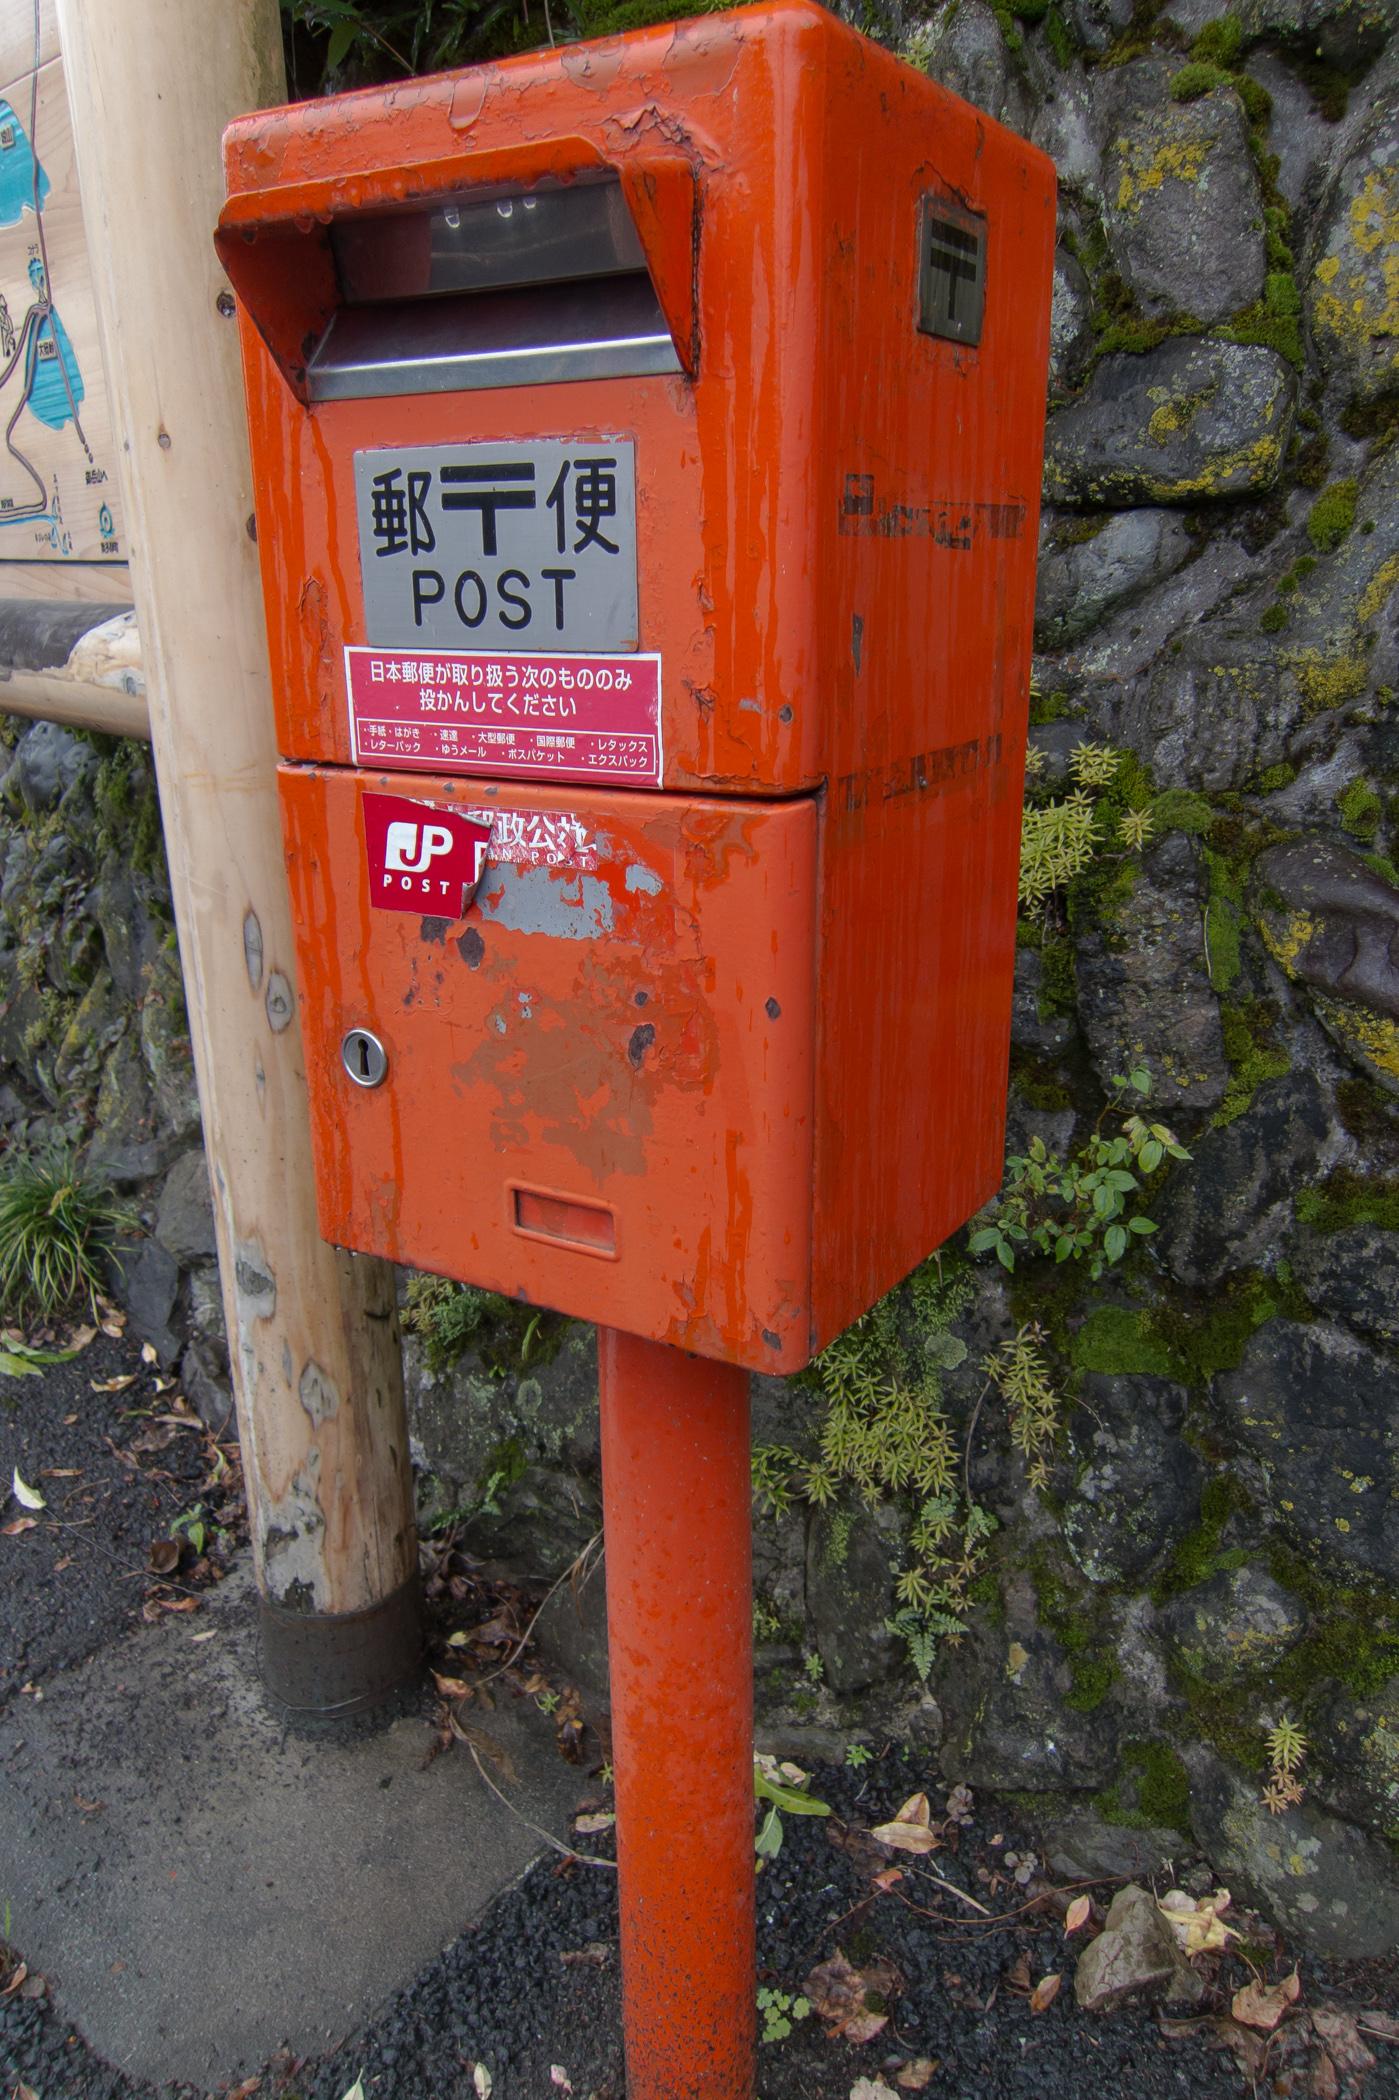 ポスト 検索 郵便